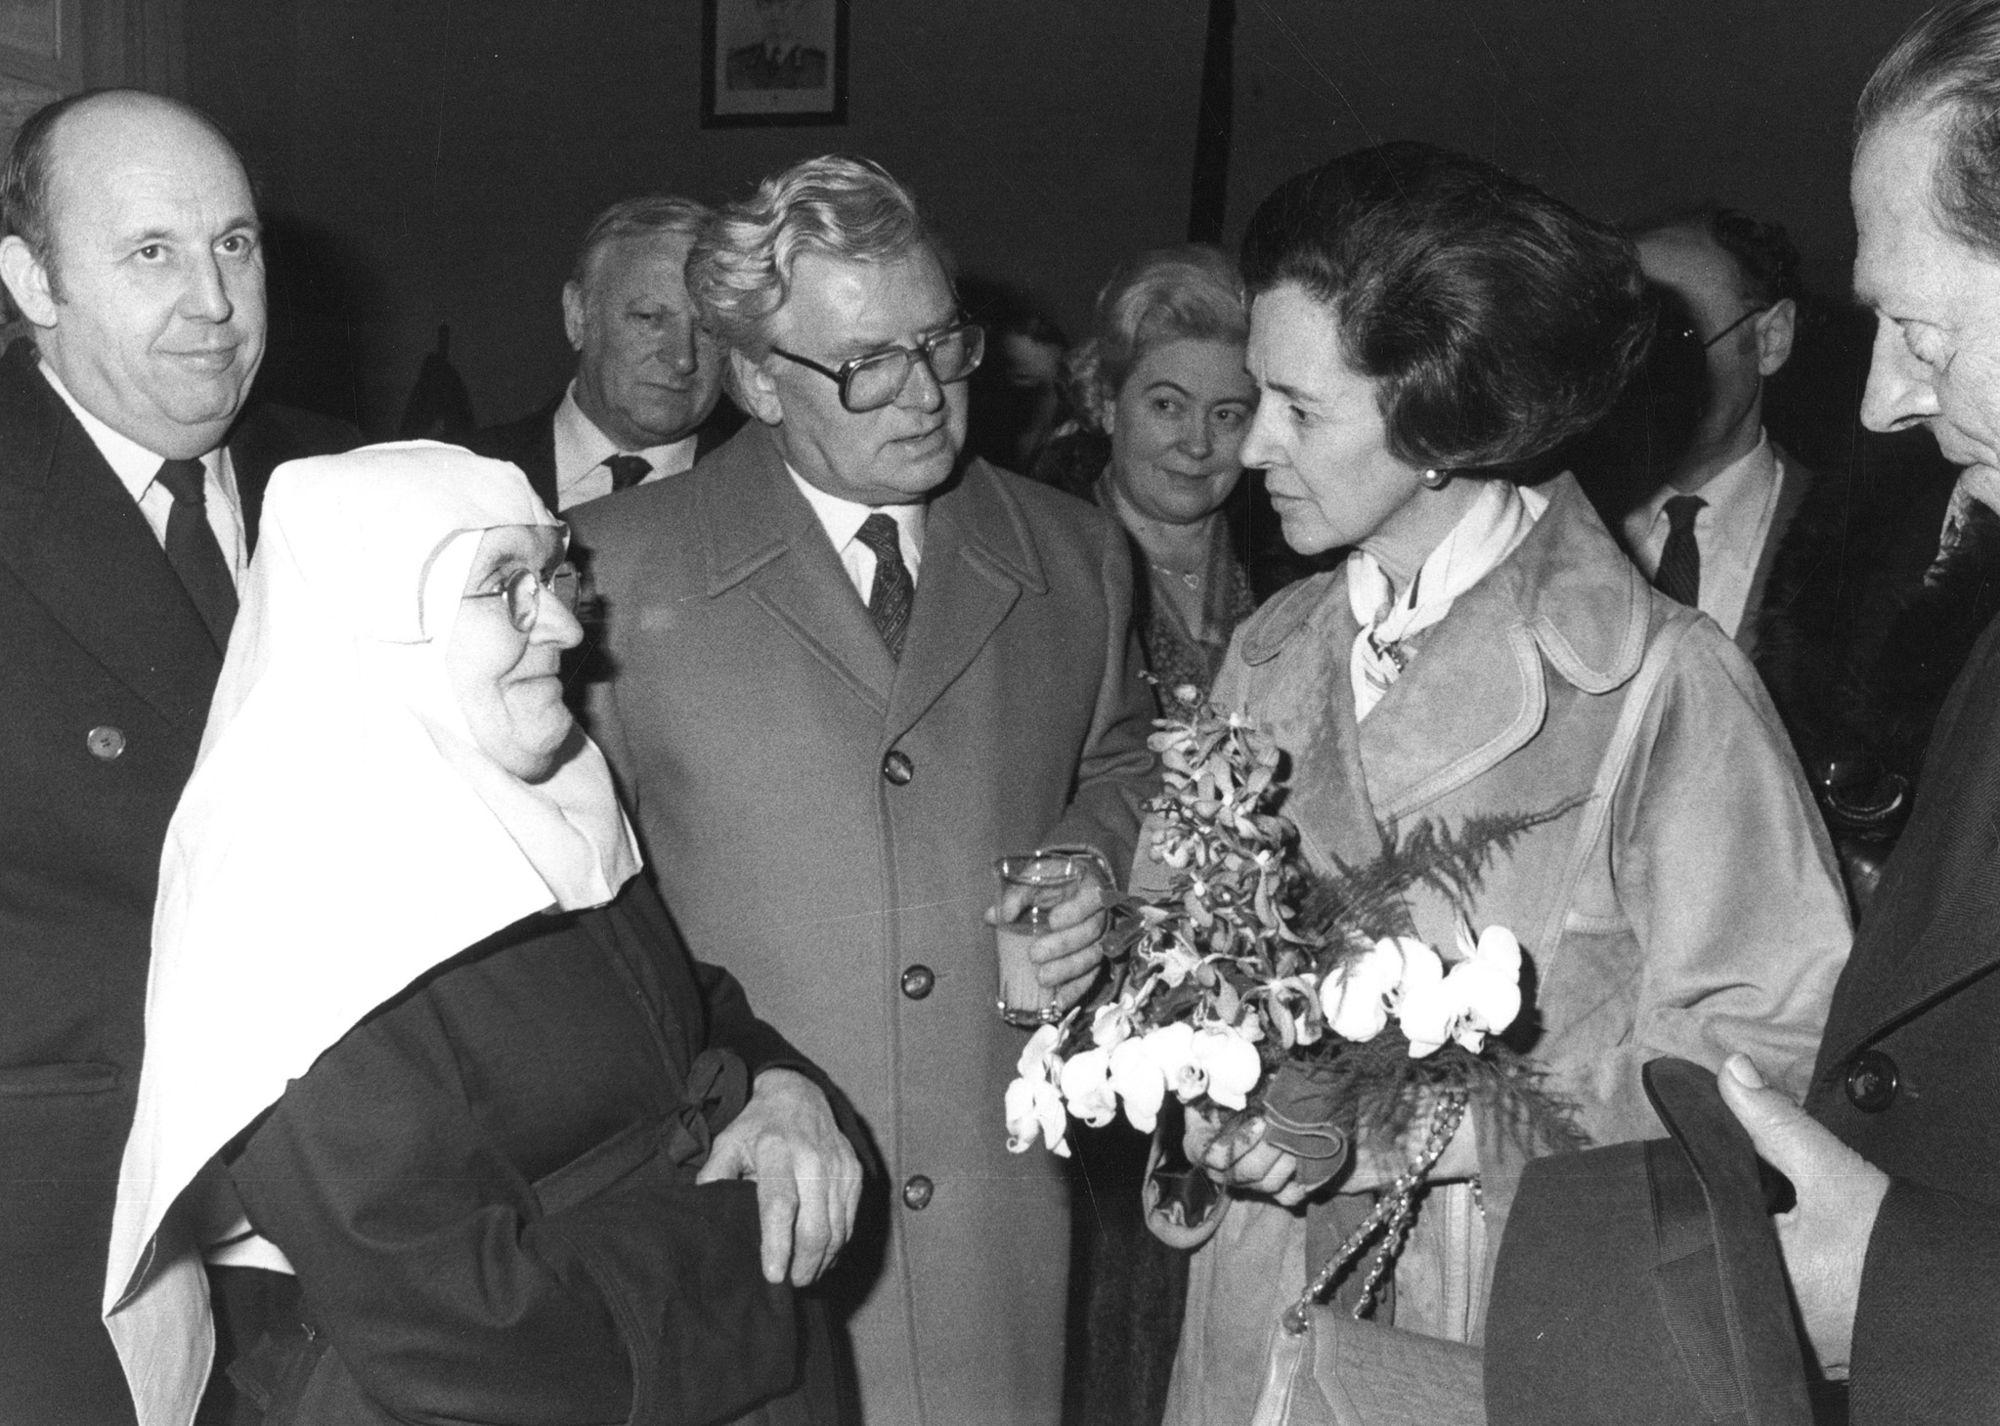 Koningin Fabiola in het begijnhof van Kortrijk 1980